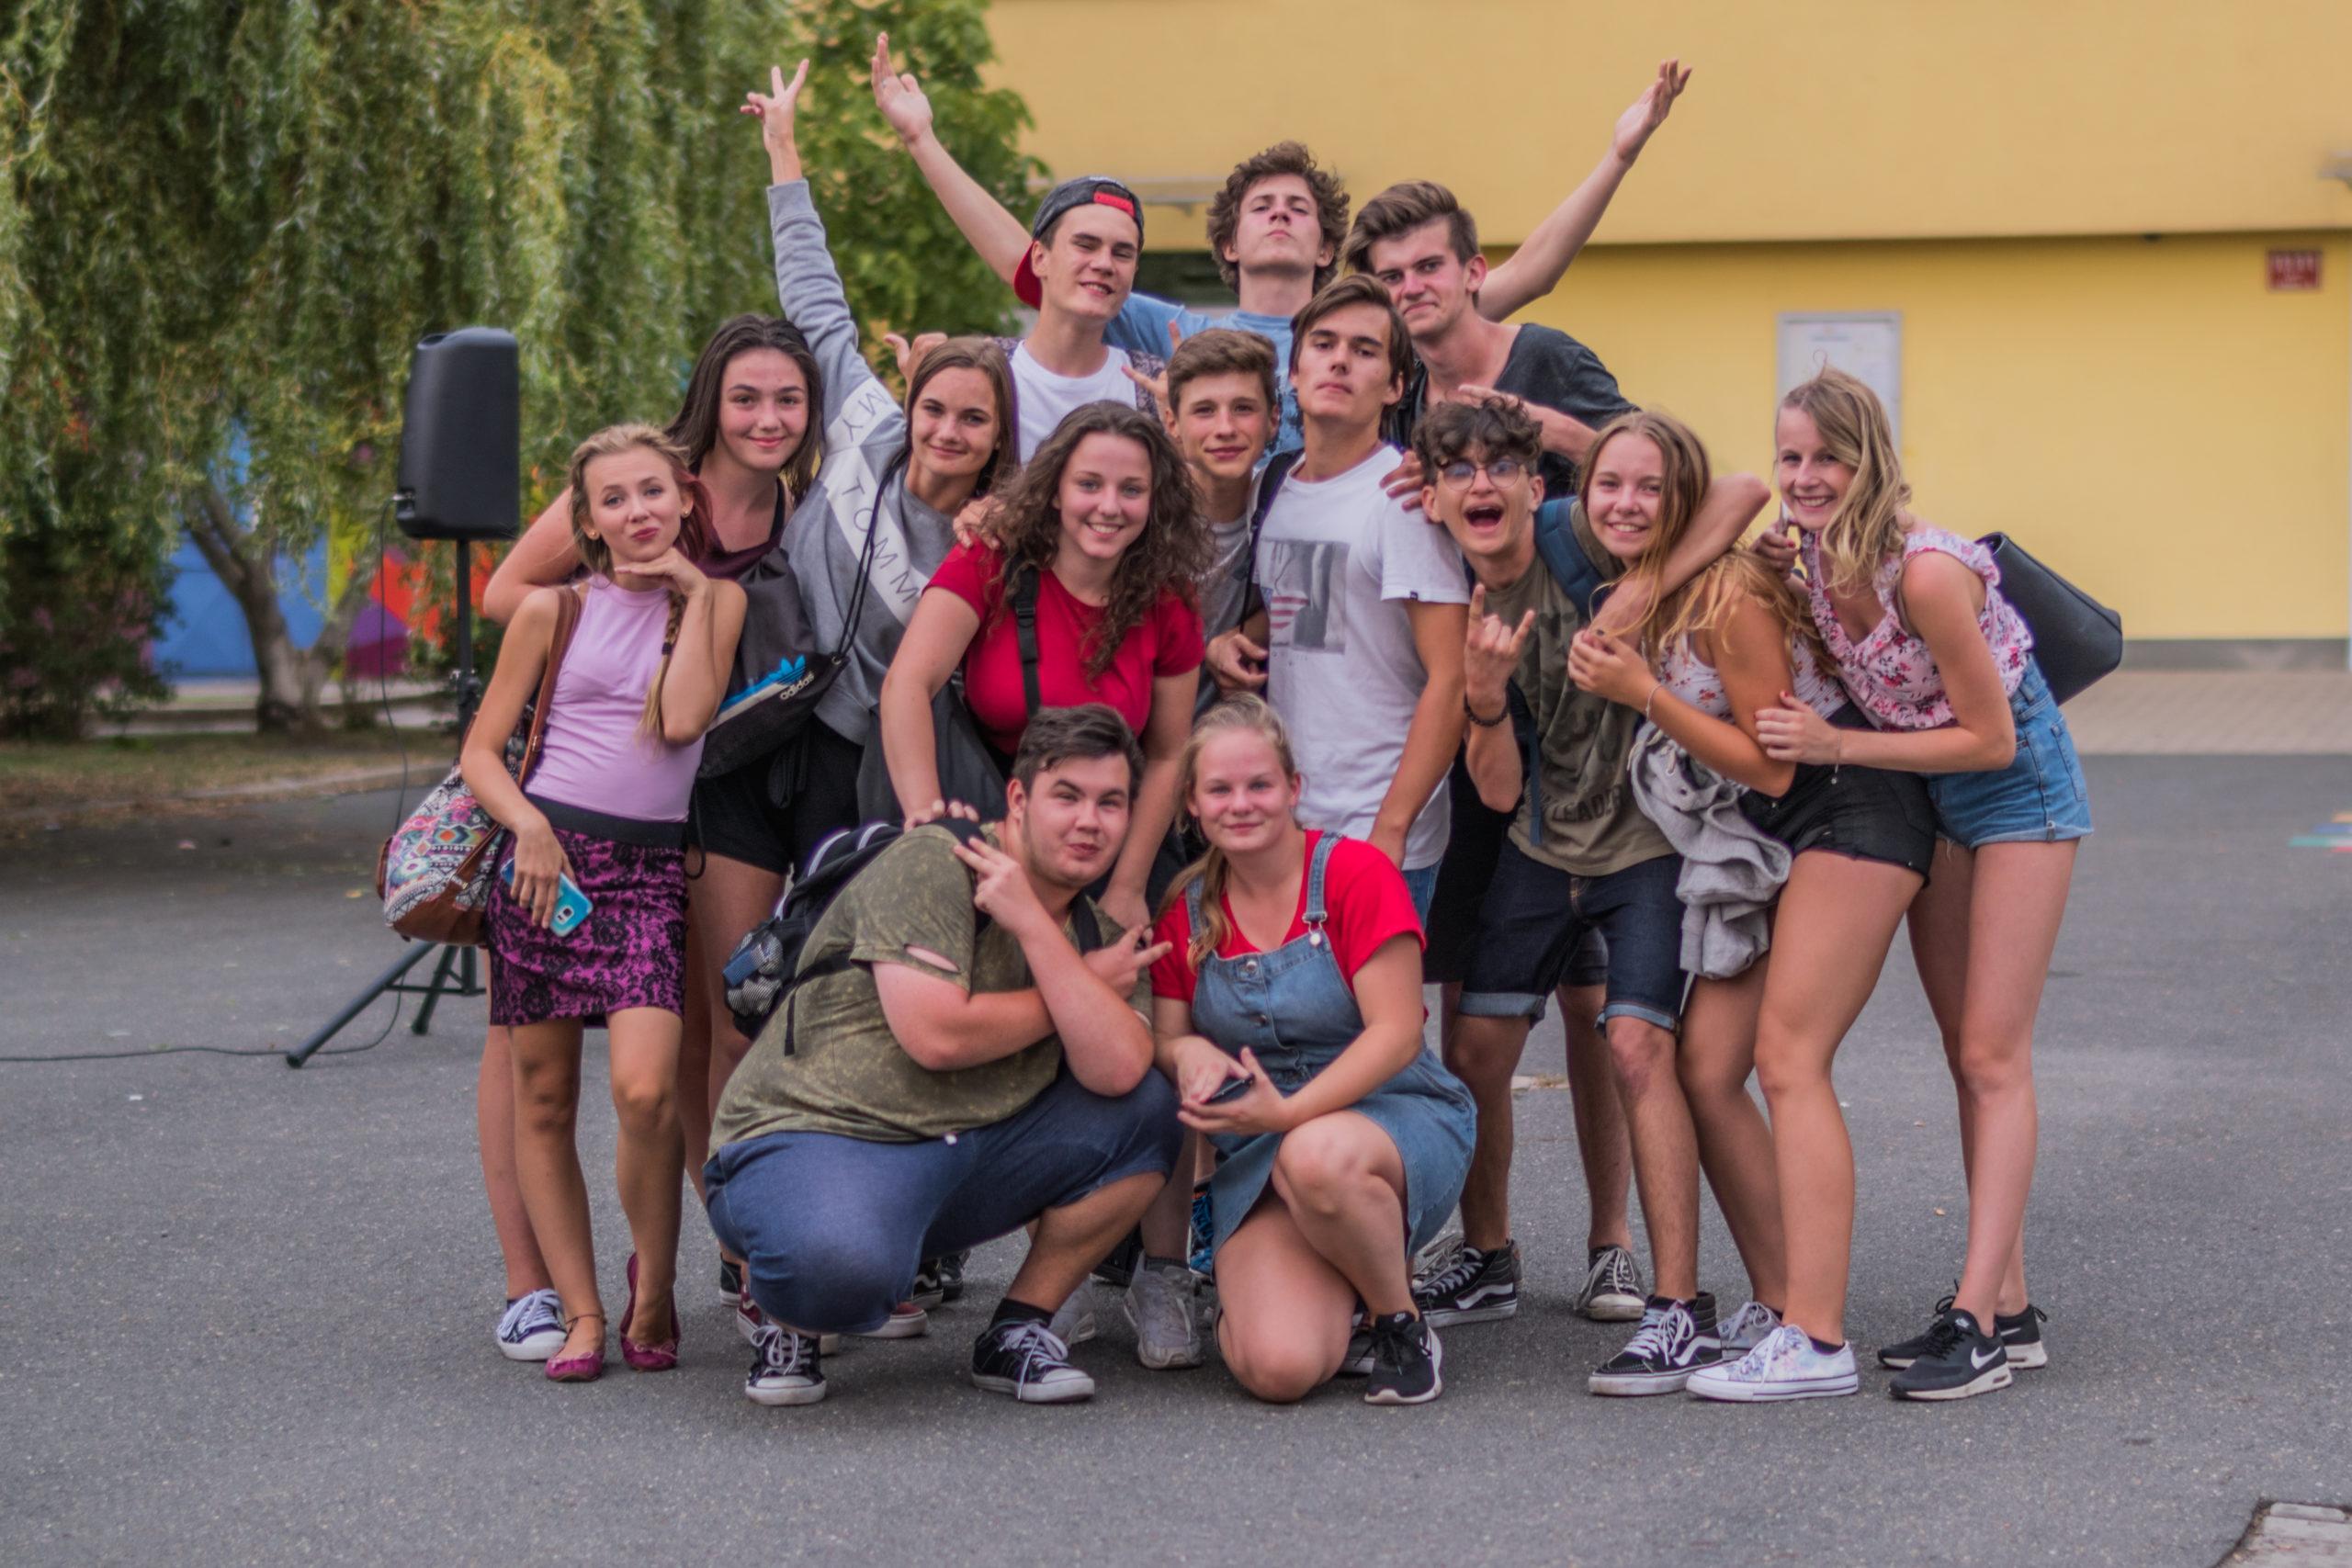 Andílci za školou natáčení - fotky karta #2  #Andilcifilm   Fotografoval: Jan Sobotka  https://gradefilm.cz